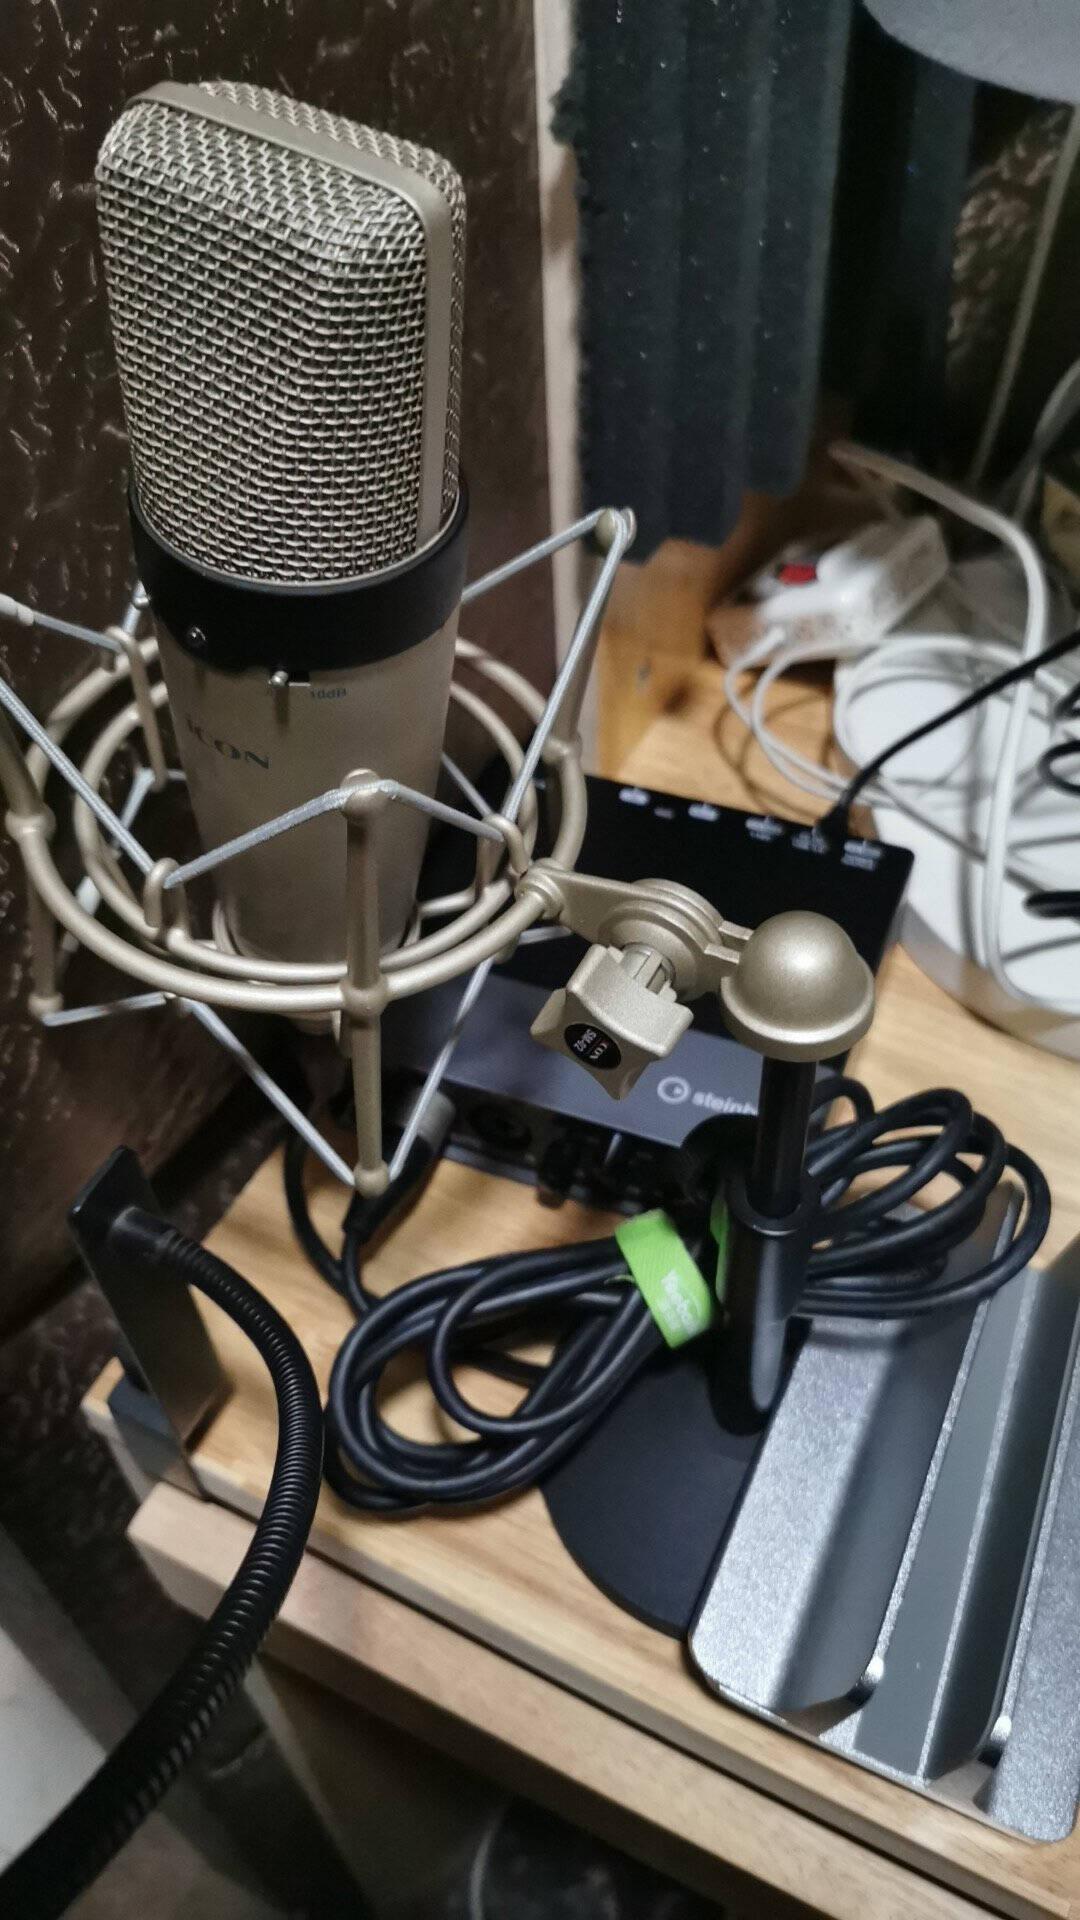 雅马哈(YAMAHA)ur22mkii专业录音USB外置声卡有声书喜马拉雅设备套装ur22cur22mkii标配(有声书专业录音声卡)